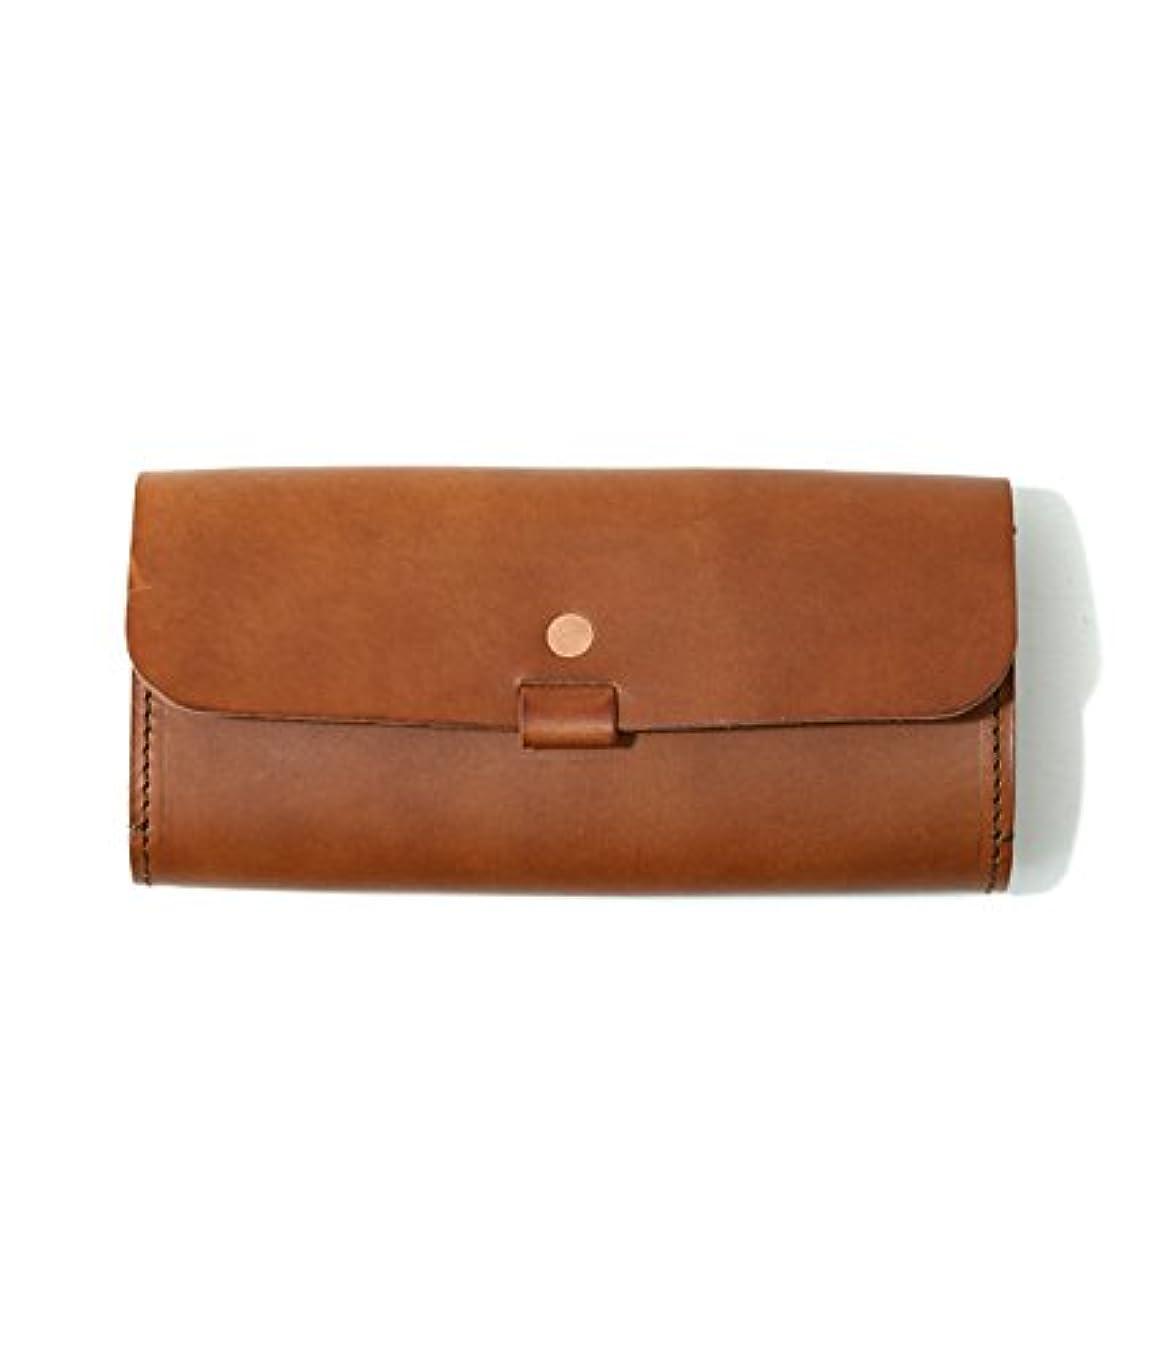 個人的なルーキー電気技師SLOW[ スロウ ] toscana wallet-camel(財布 ロング ウォレット toscana wallet)